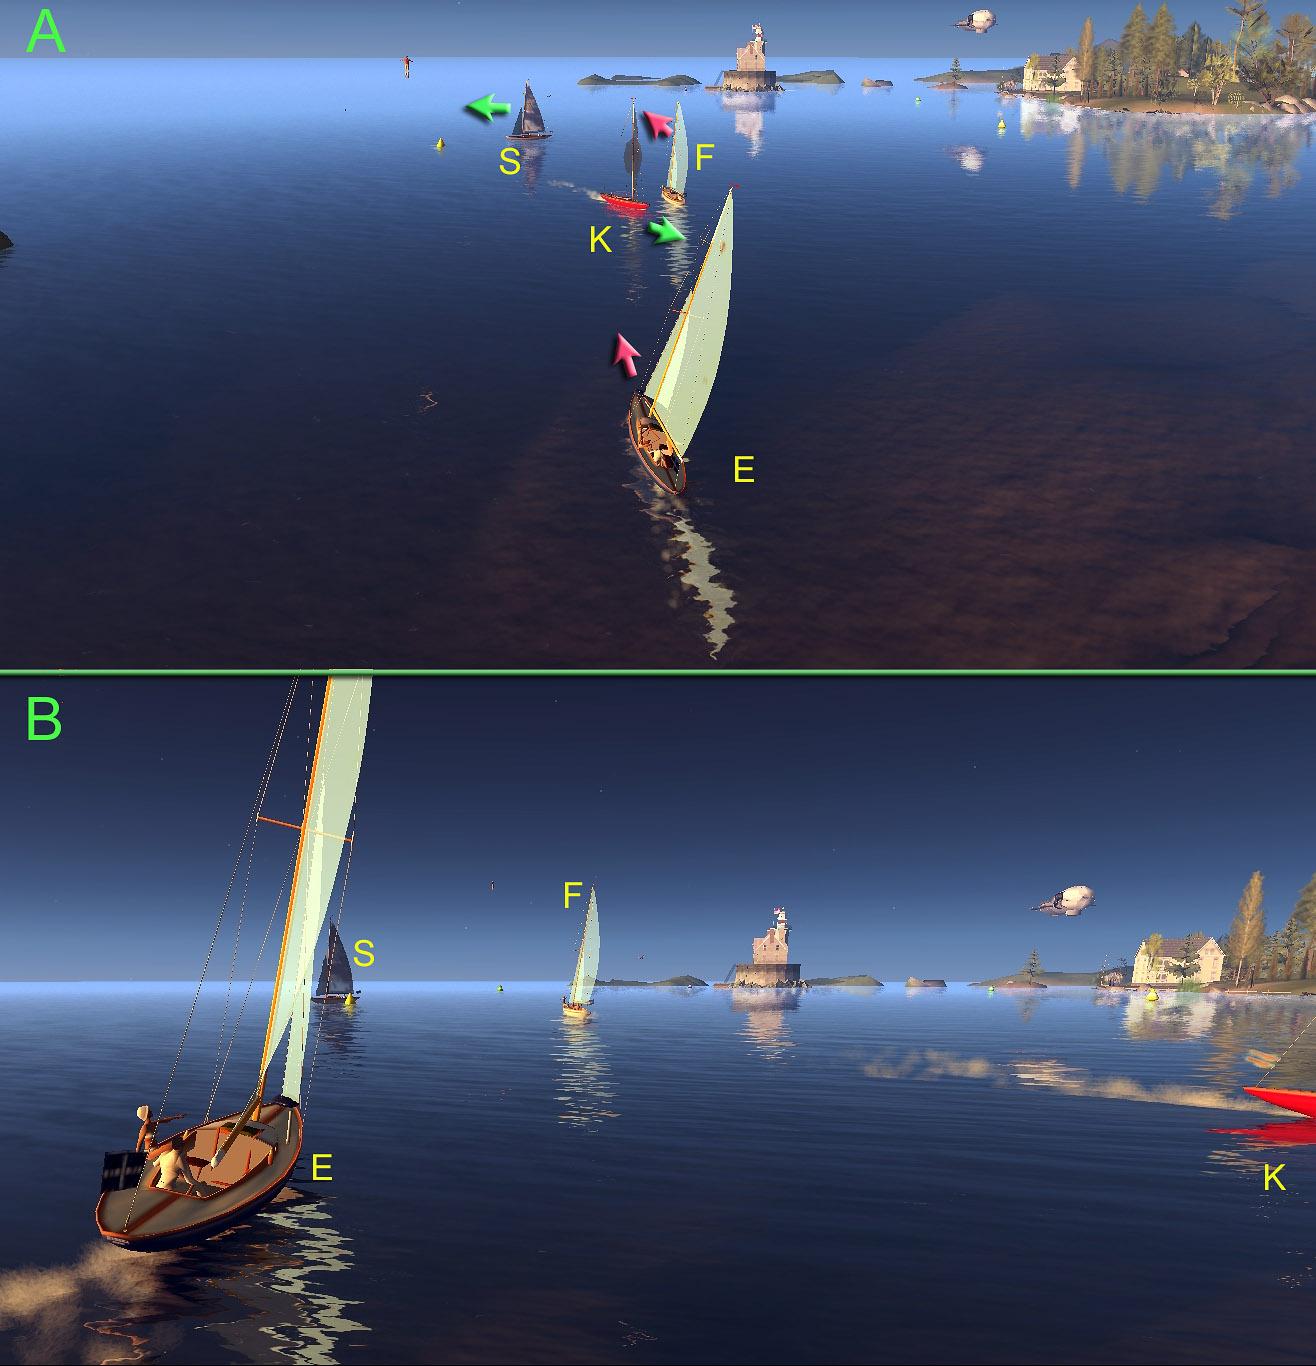 13 March 2011 Metaverse Sailing